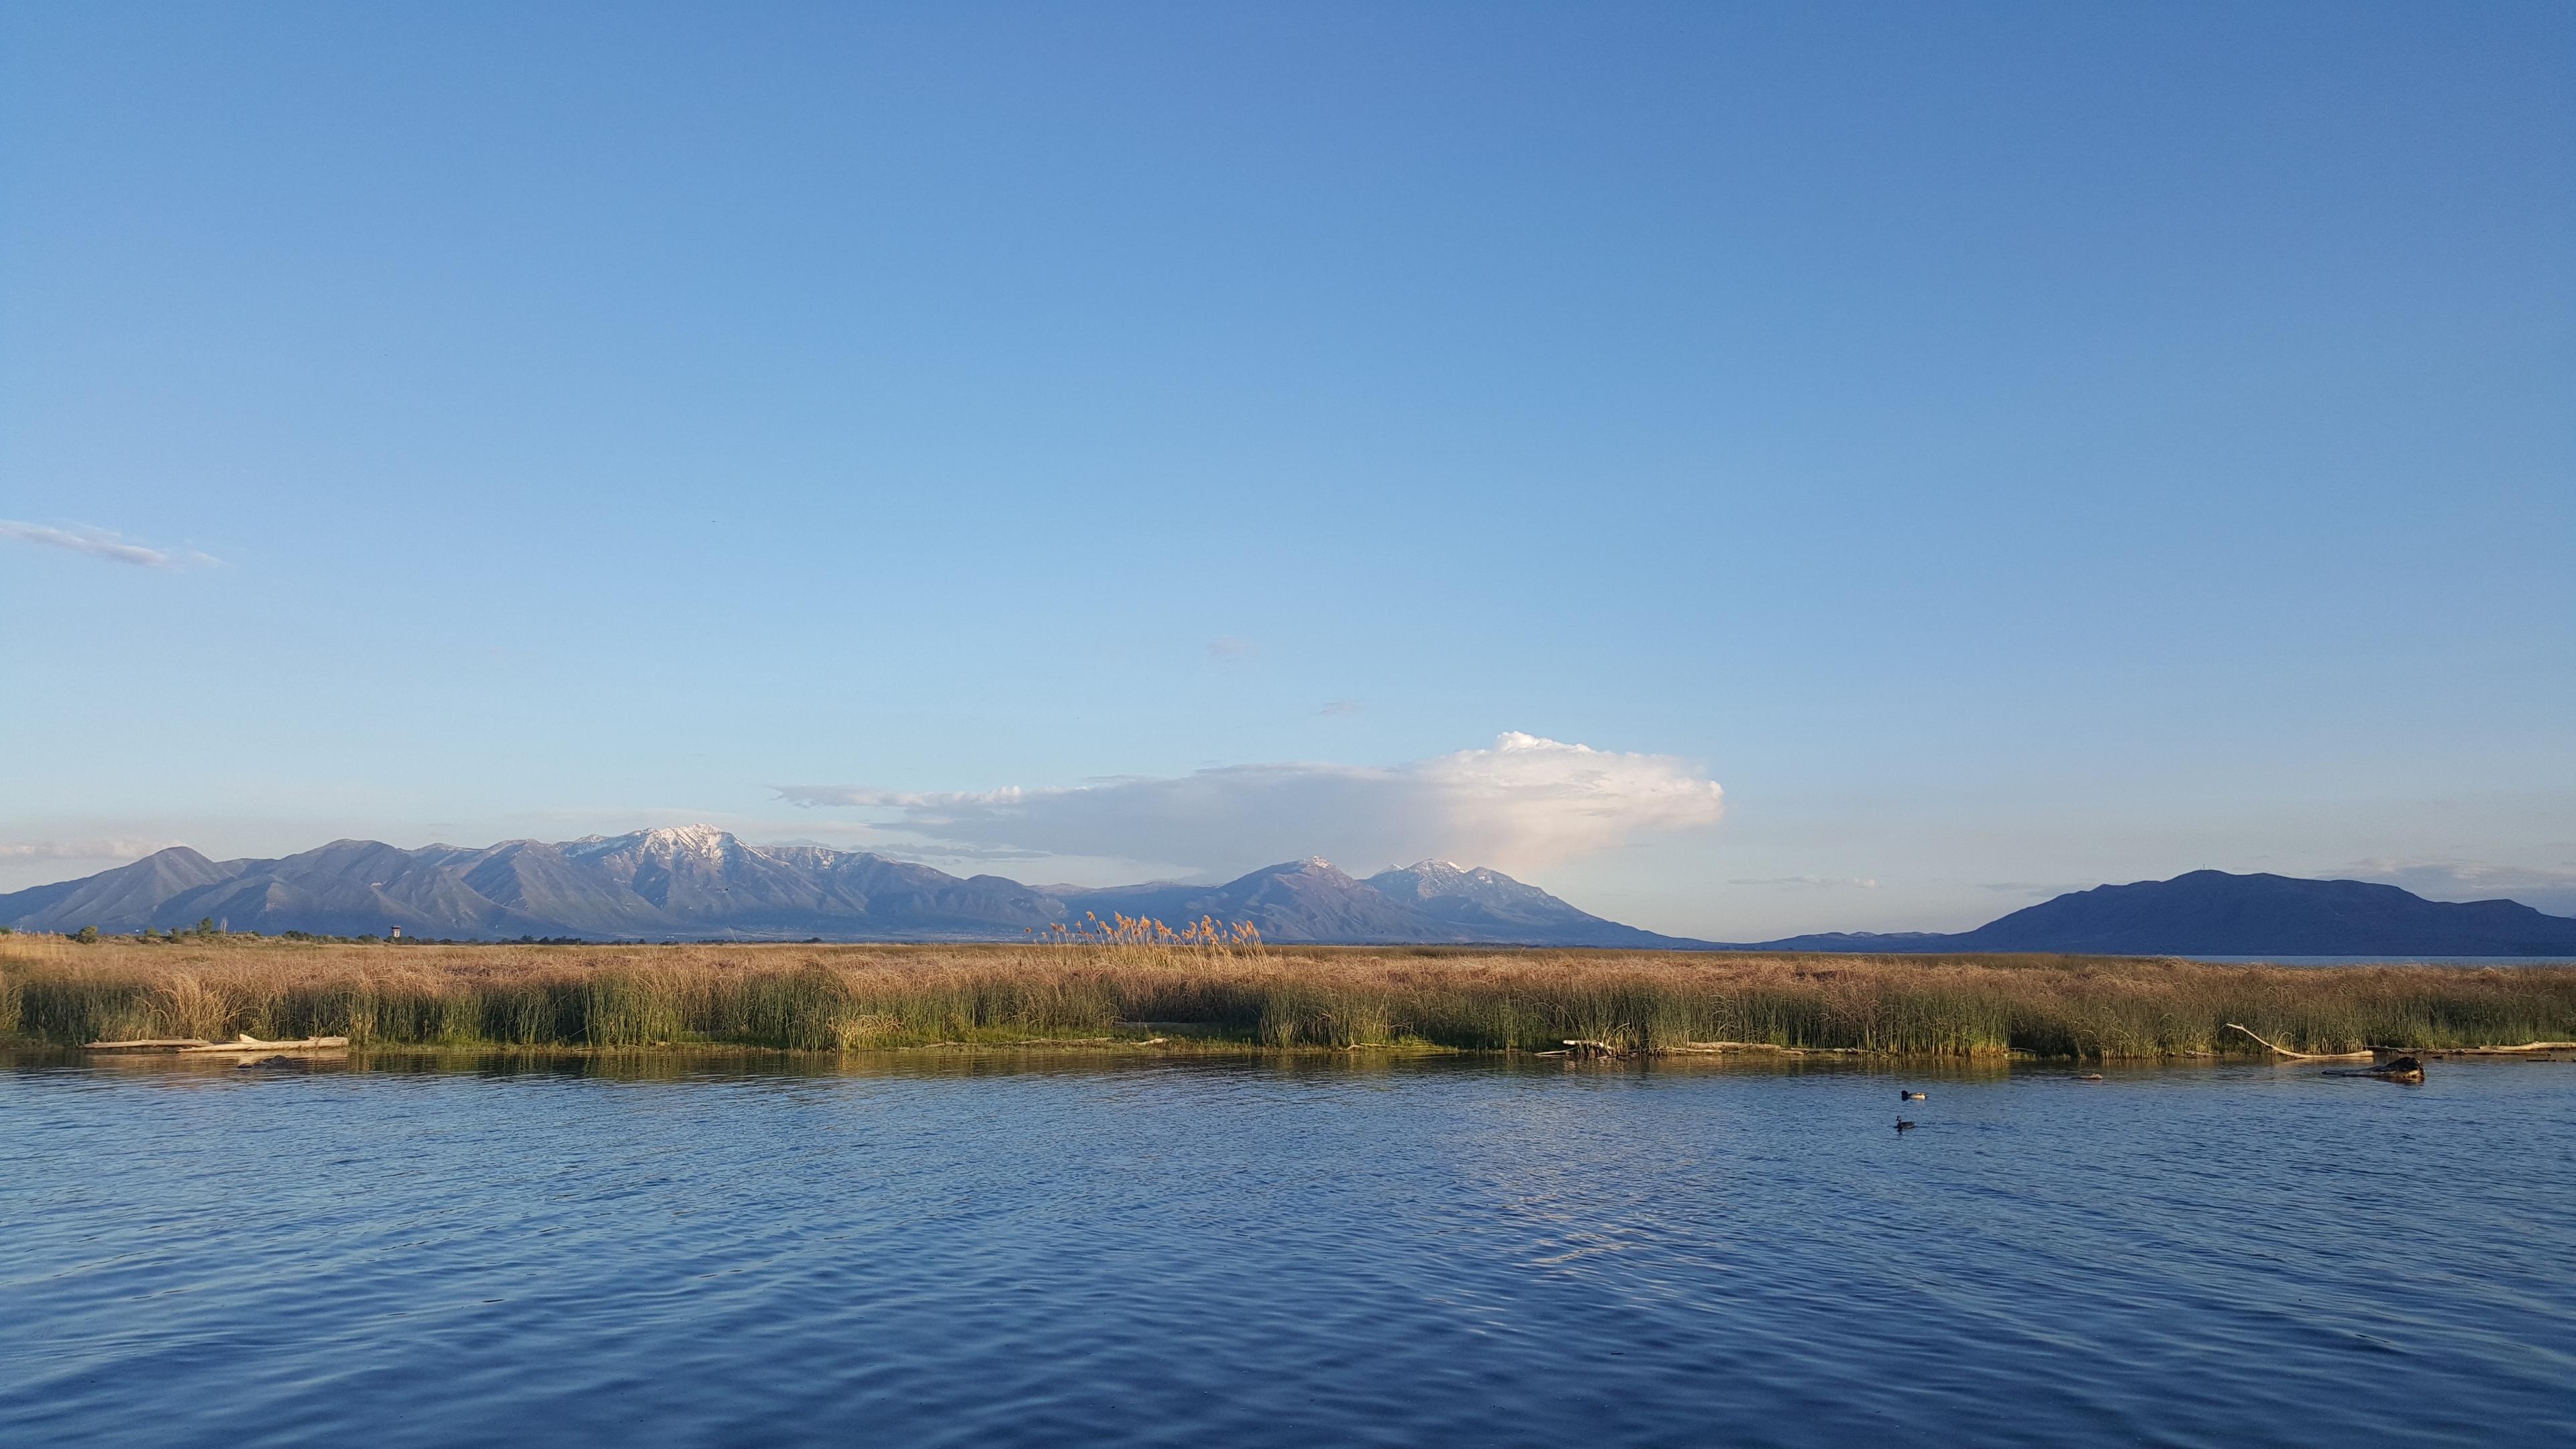 america utah lake usa 4k 1541117890 - america, utah, lake, usa 4k - Utah, Lake, America